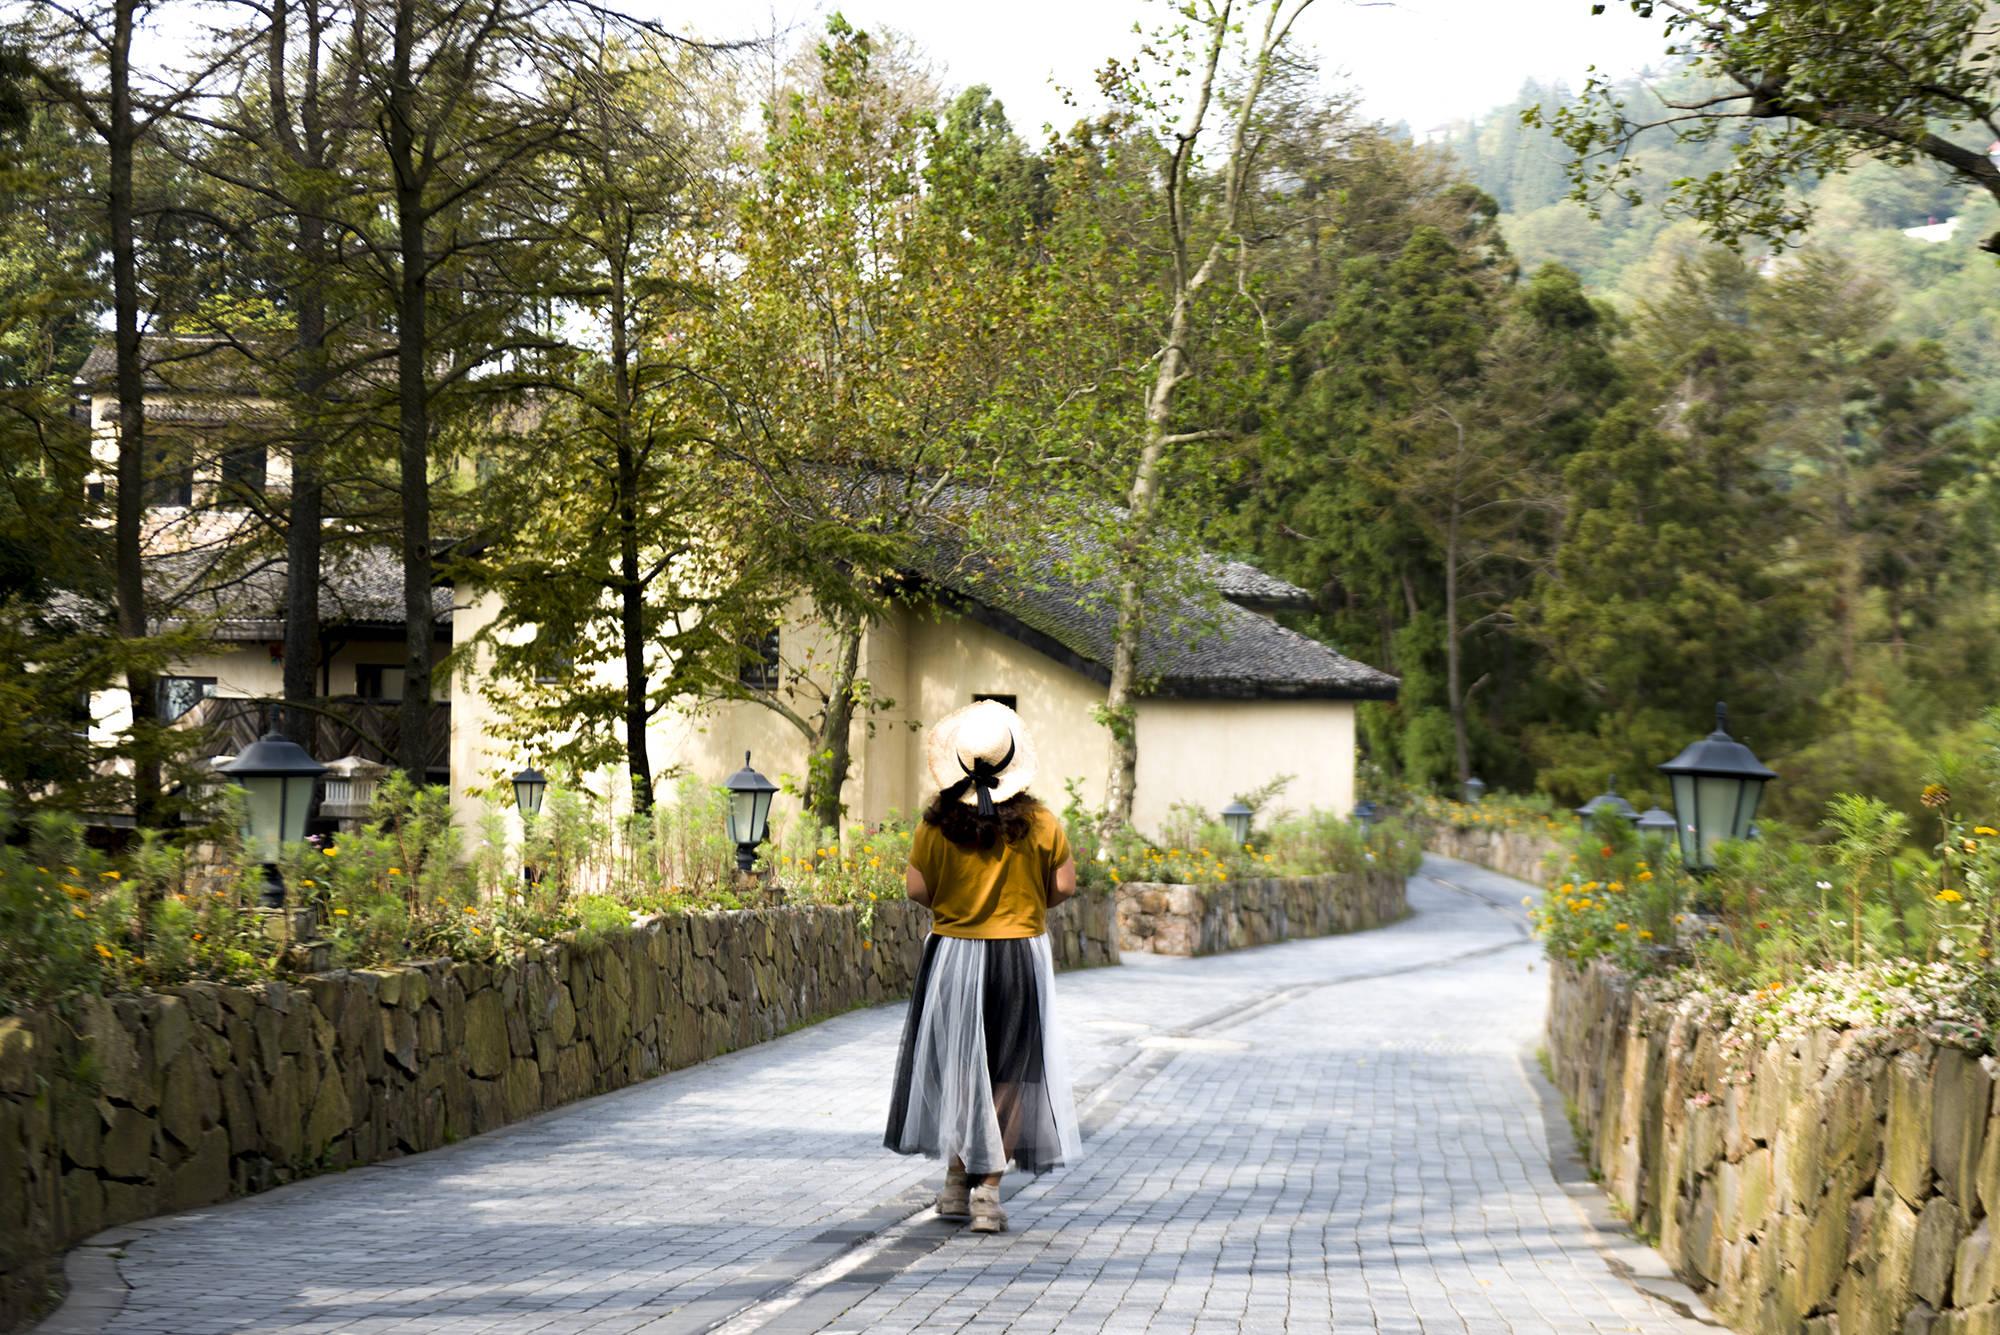 原创             我国四大避暑胜地一个在浙江,昔日的铸剑圣地,今日的别墅天城